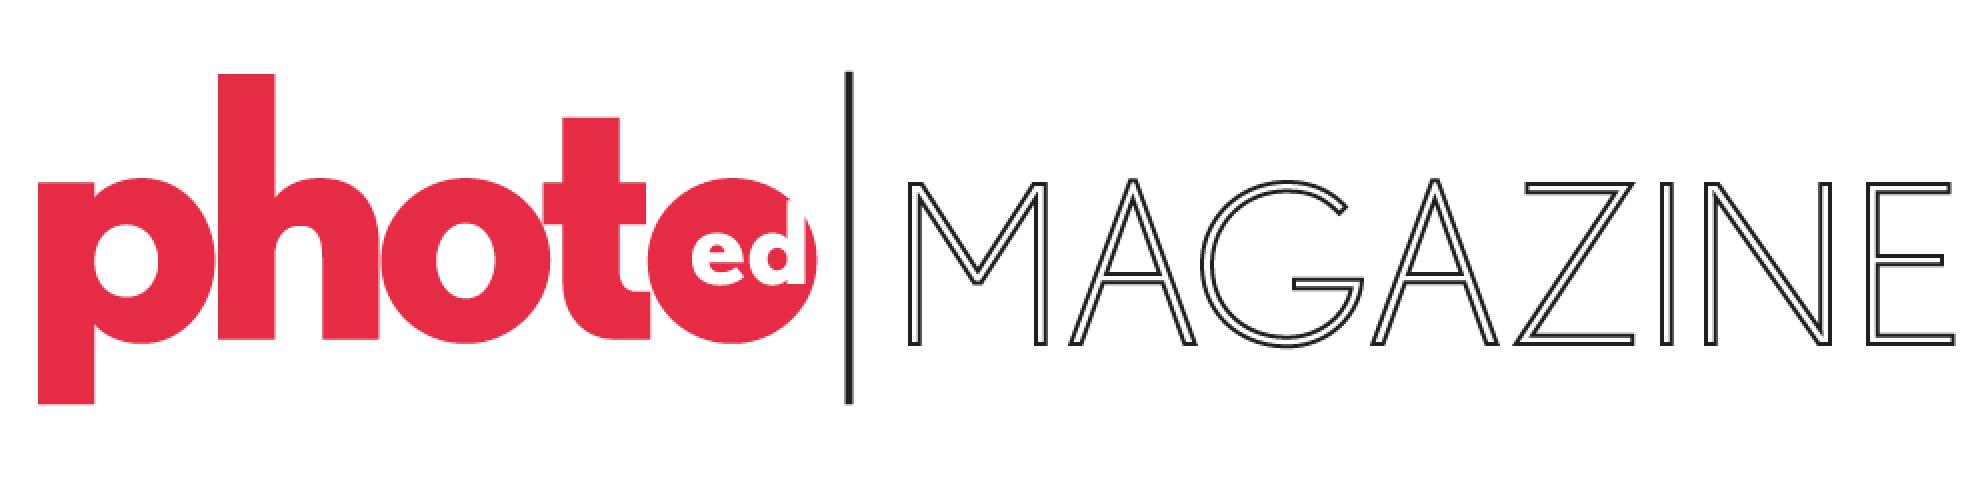 PhotoEd Magazine logo.png